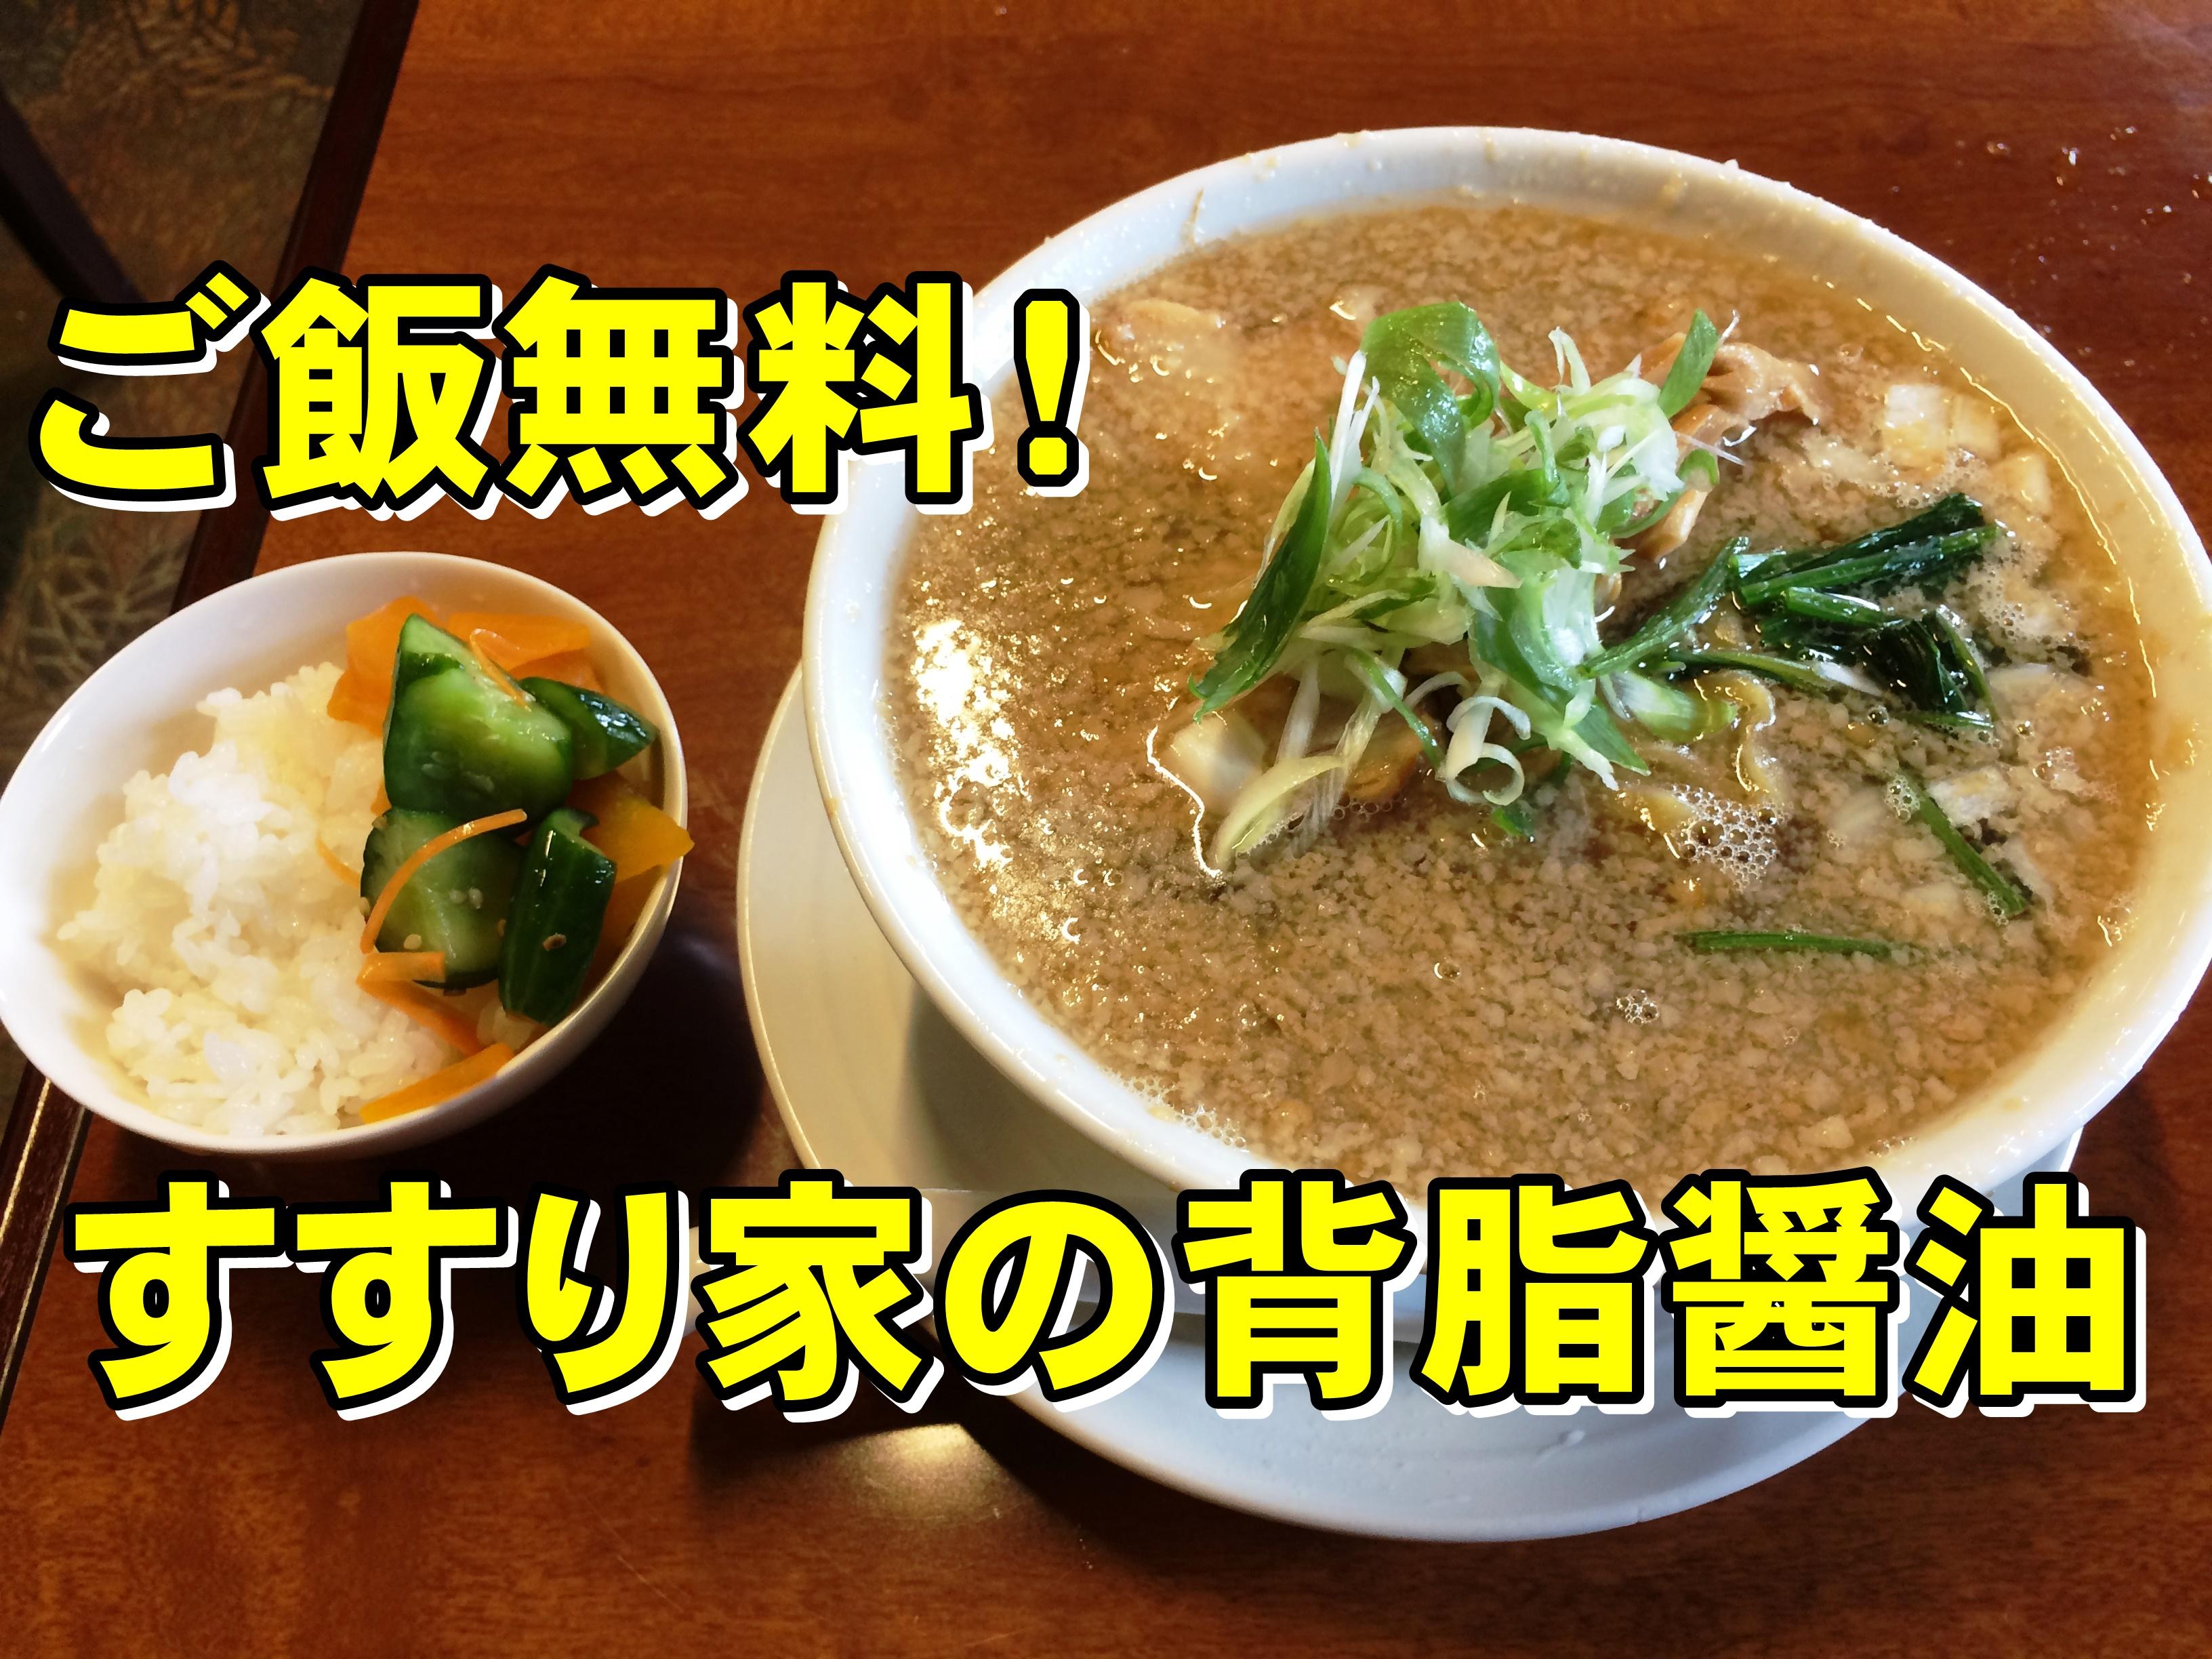 南魚沼市塩沢【すすり家】新潟5大ラーメン燕三条背脂系